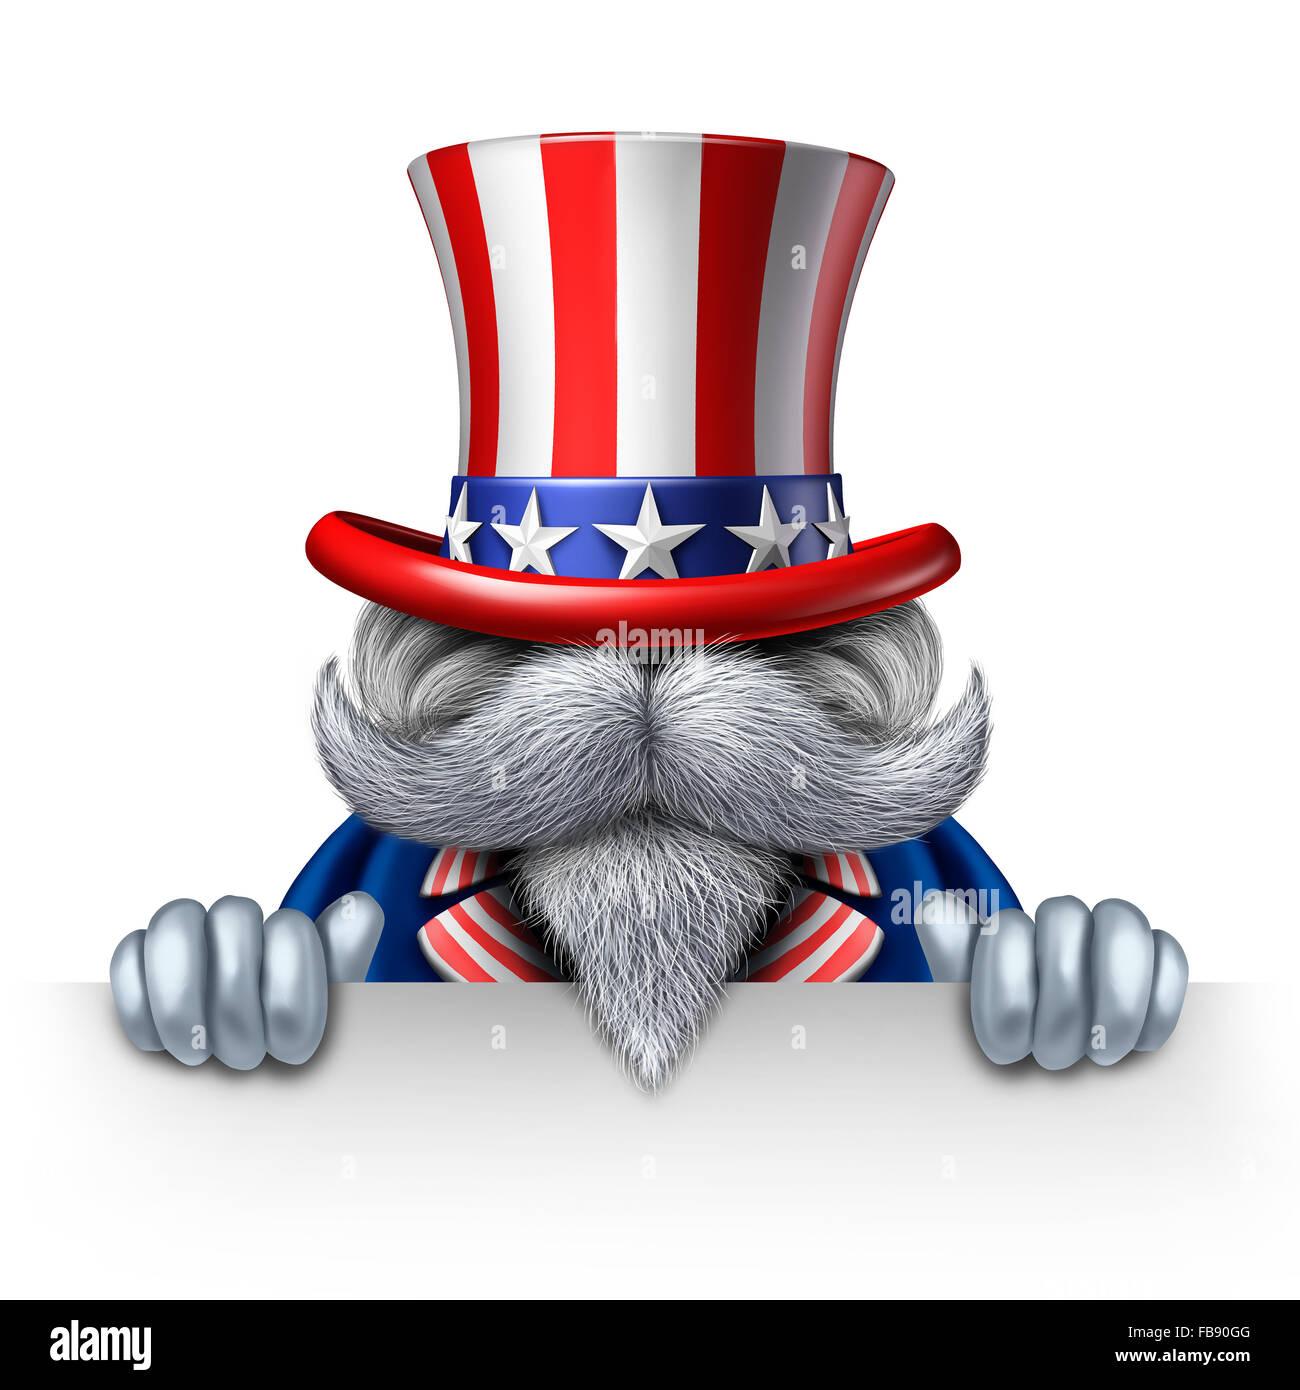 Lo zio Sam carattere tenendo un vuoto segno orizzontale come un icona patriottica di un simbolo americano di governo Immagini Stock